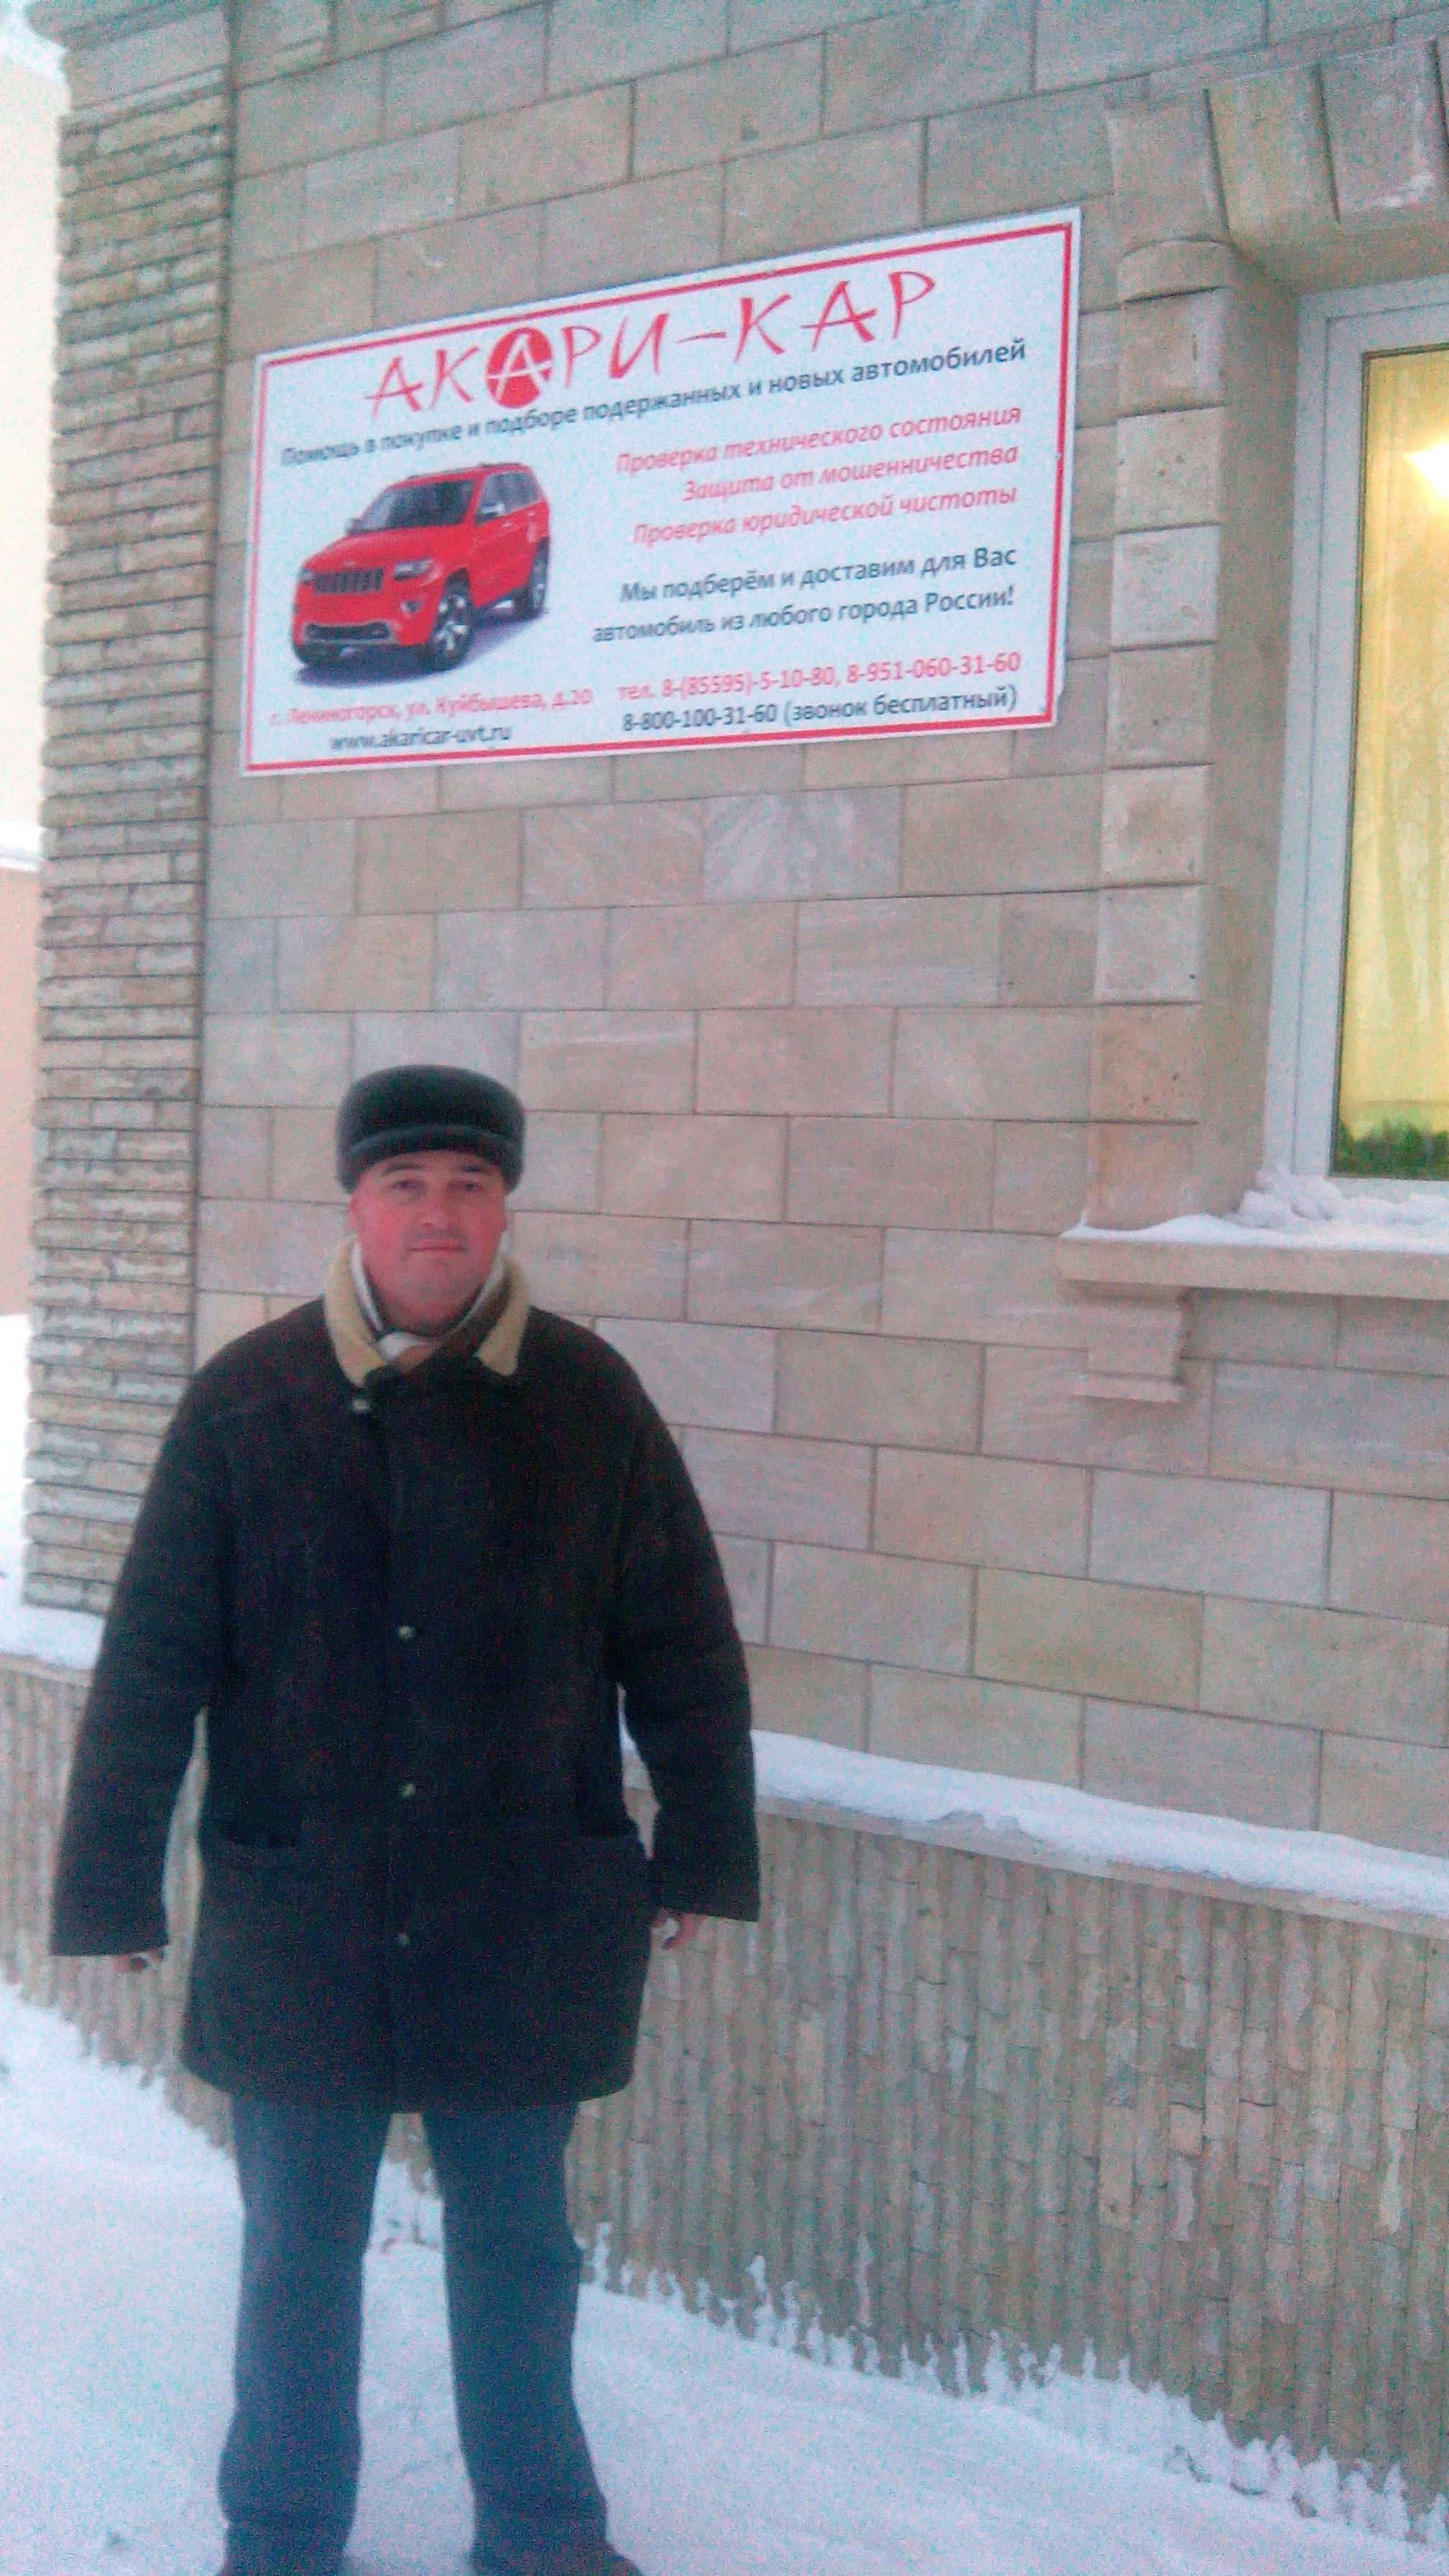 Открытие представительства в республике Татарстан